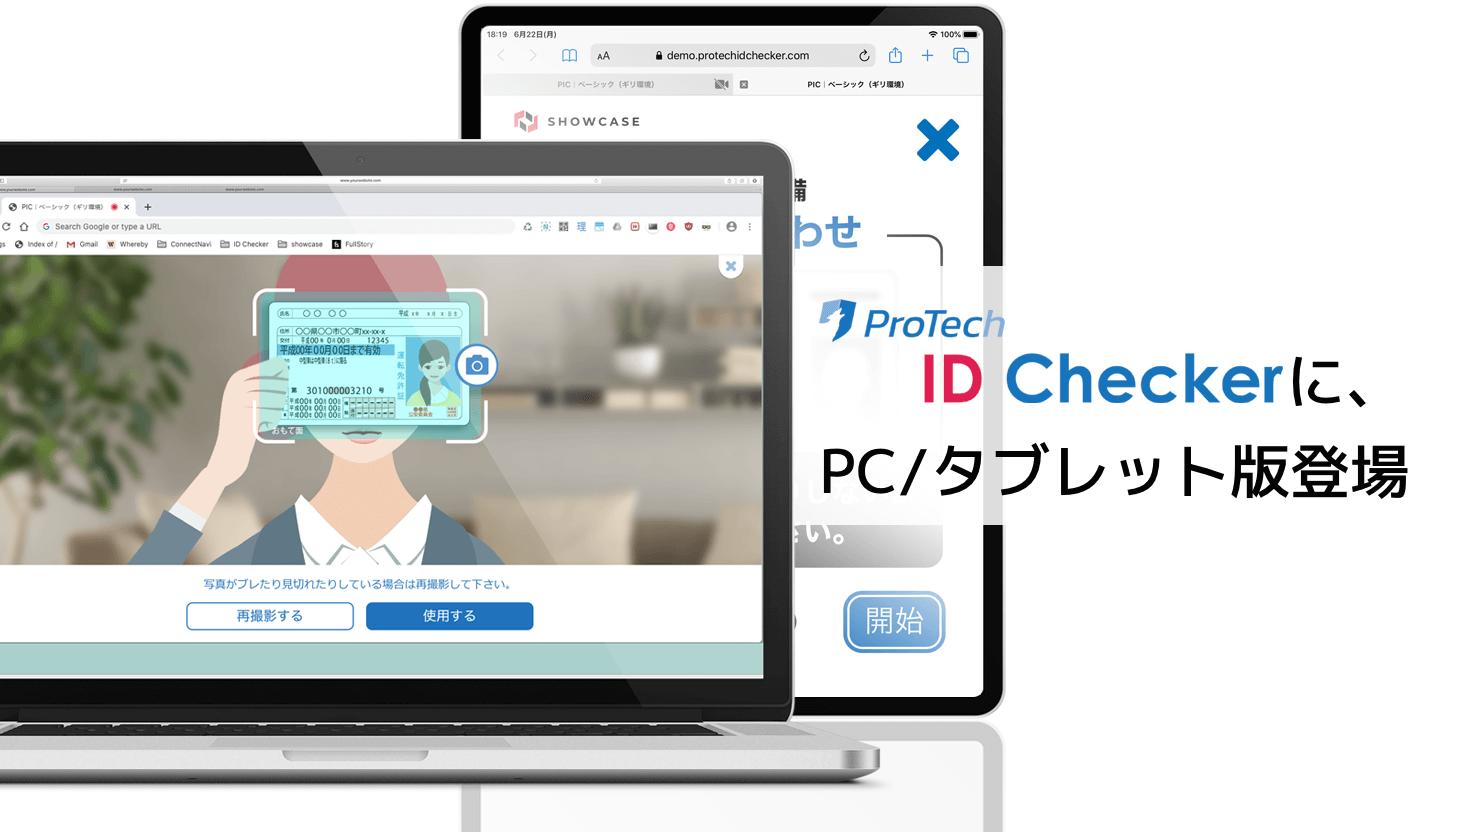 オンライン本人確認/eKYCシステム「ProTech ID Checker」の PC/タブレット版